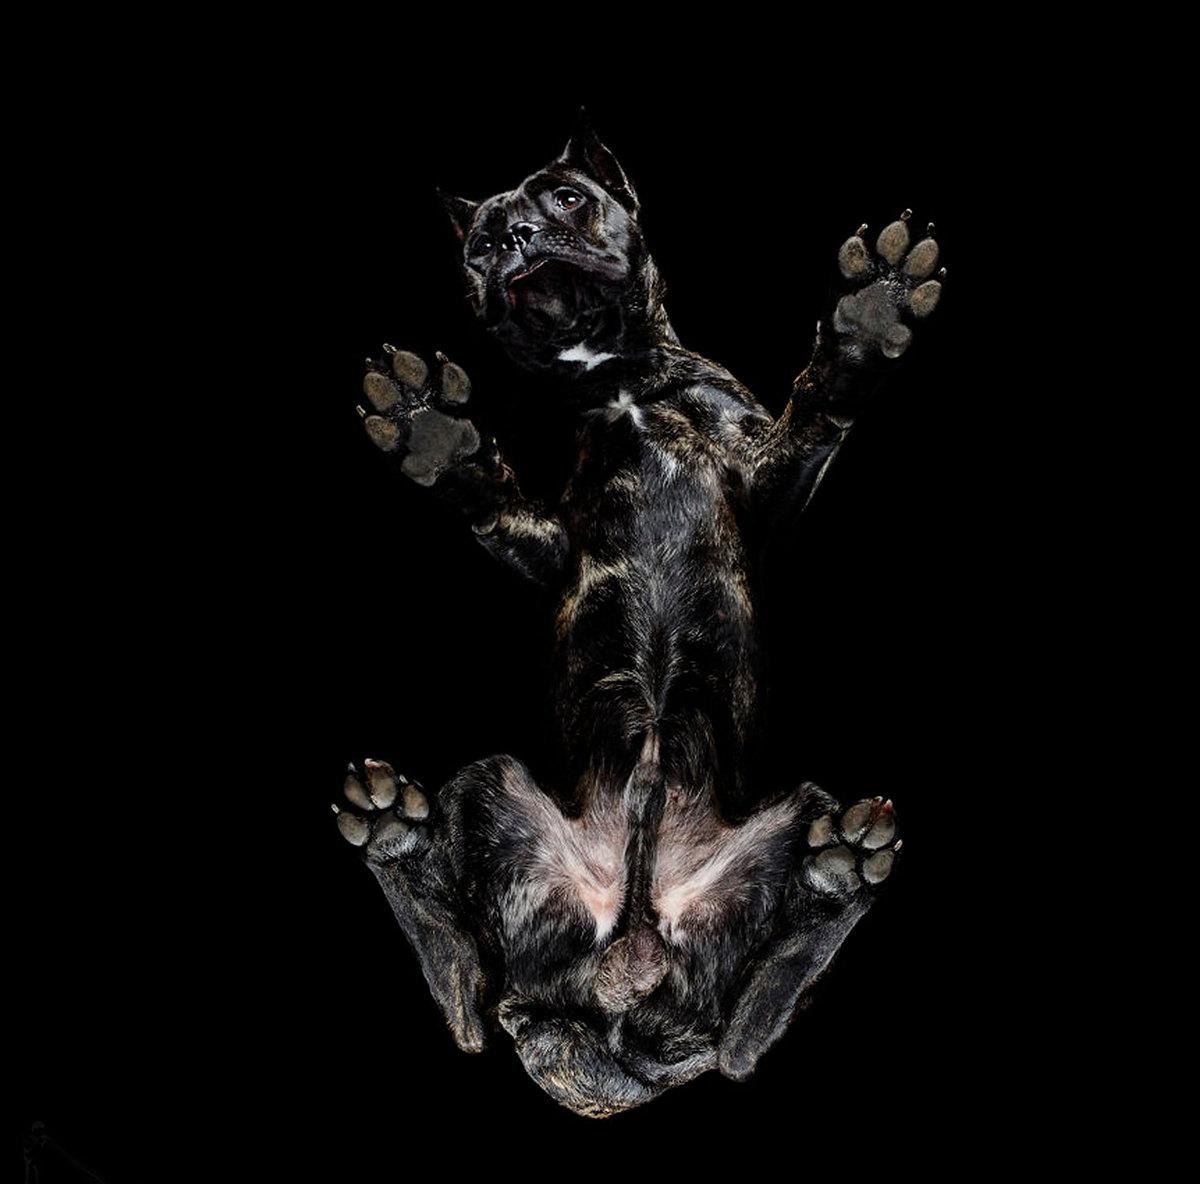 «Взгляд снизу»: чудные фотографии животных в проекте Андриуса Бурбы 5